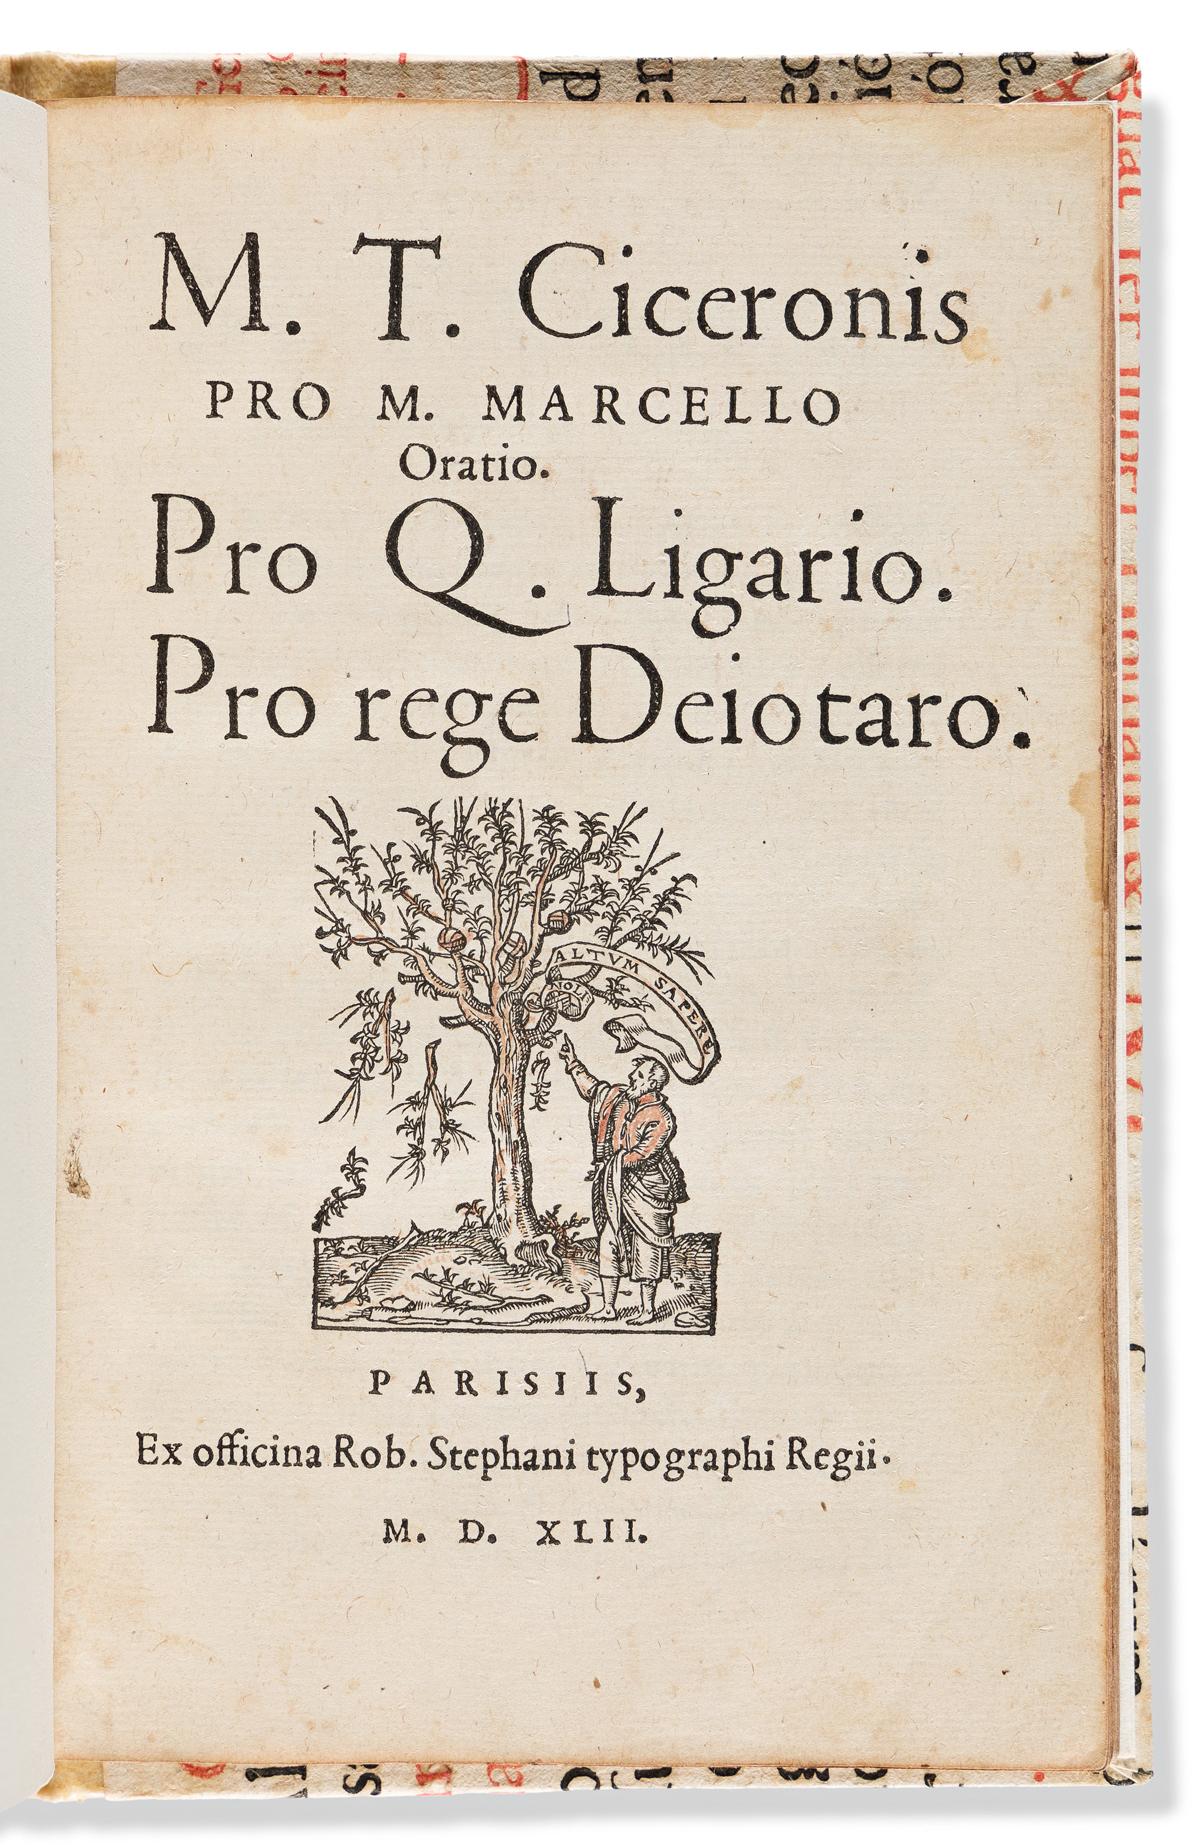 Cicero, Marcus Tullius (106-43 BC) Pro M. Marcello Oratio. Pro Q. Ligario. Pro rege Deiotaro.